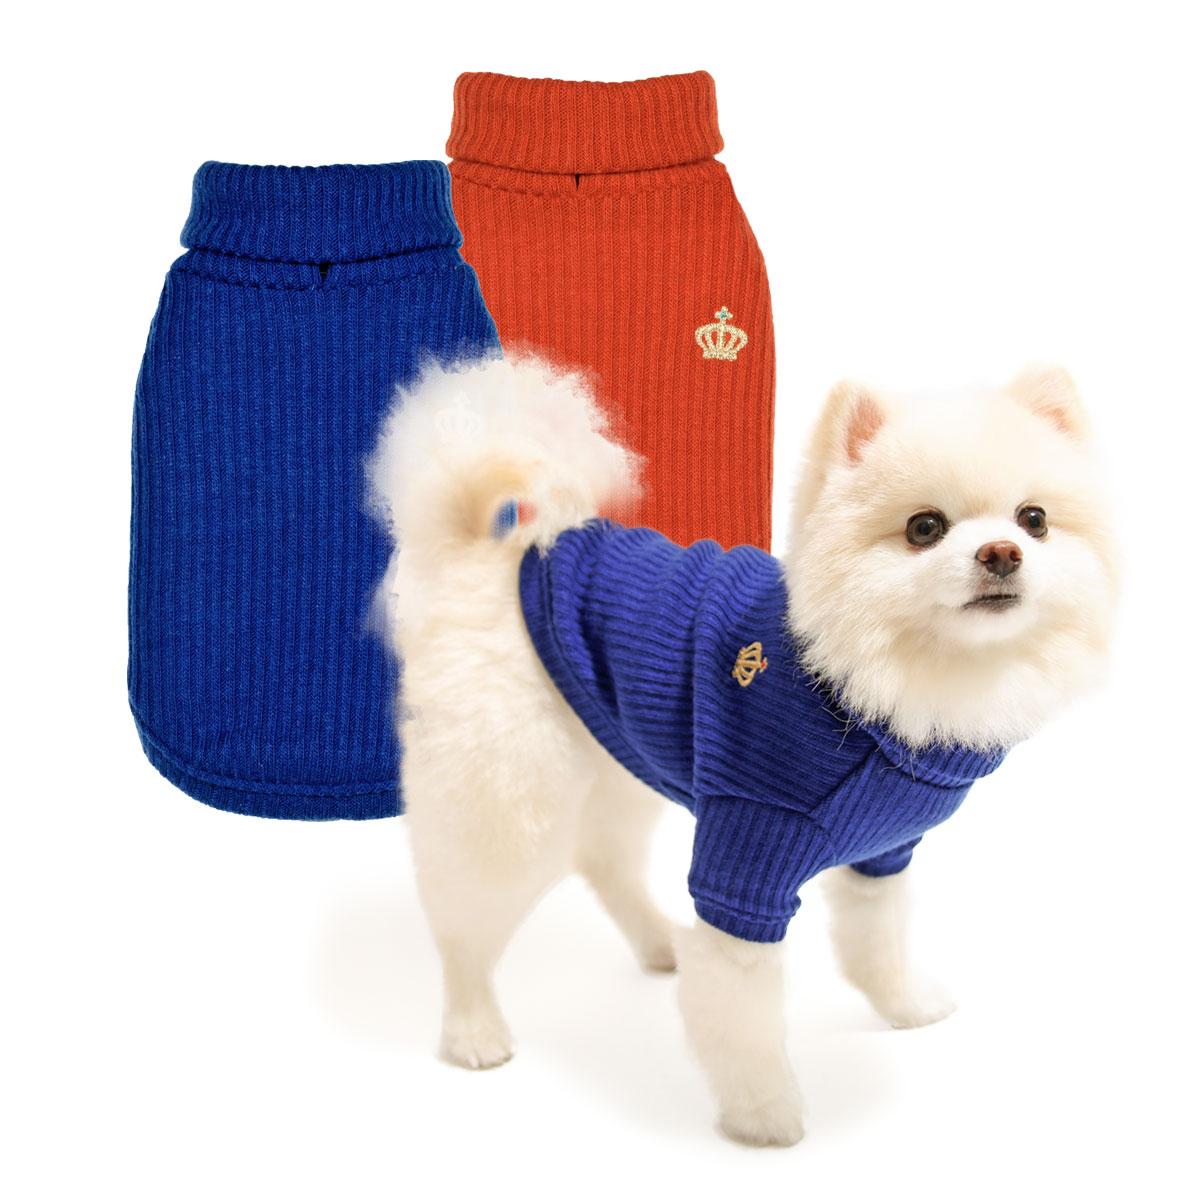 犬と生活 20AW 袖付きプレンタートル